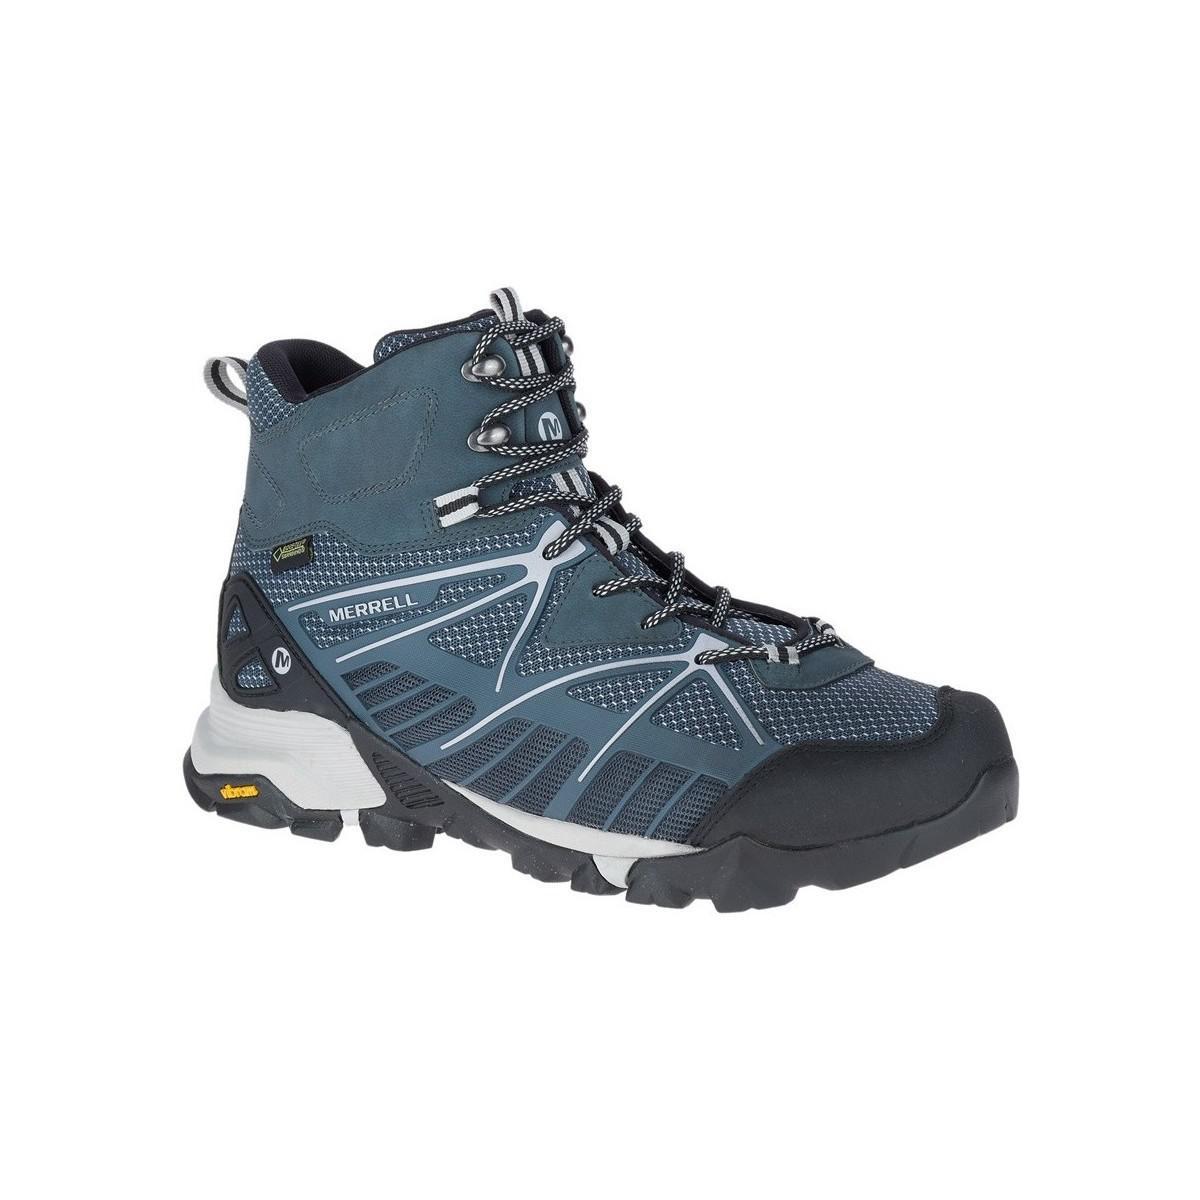 75b9de94b Merrell Capra Venture Mid Gtx Men's Walking Boots In Multicolour in ...